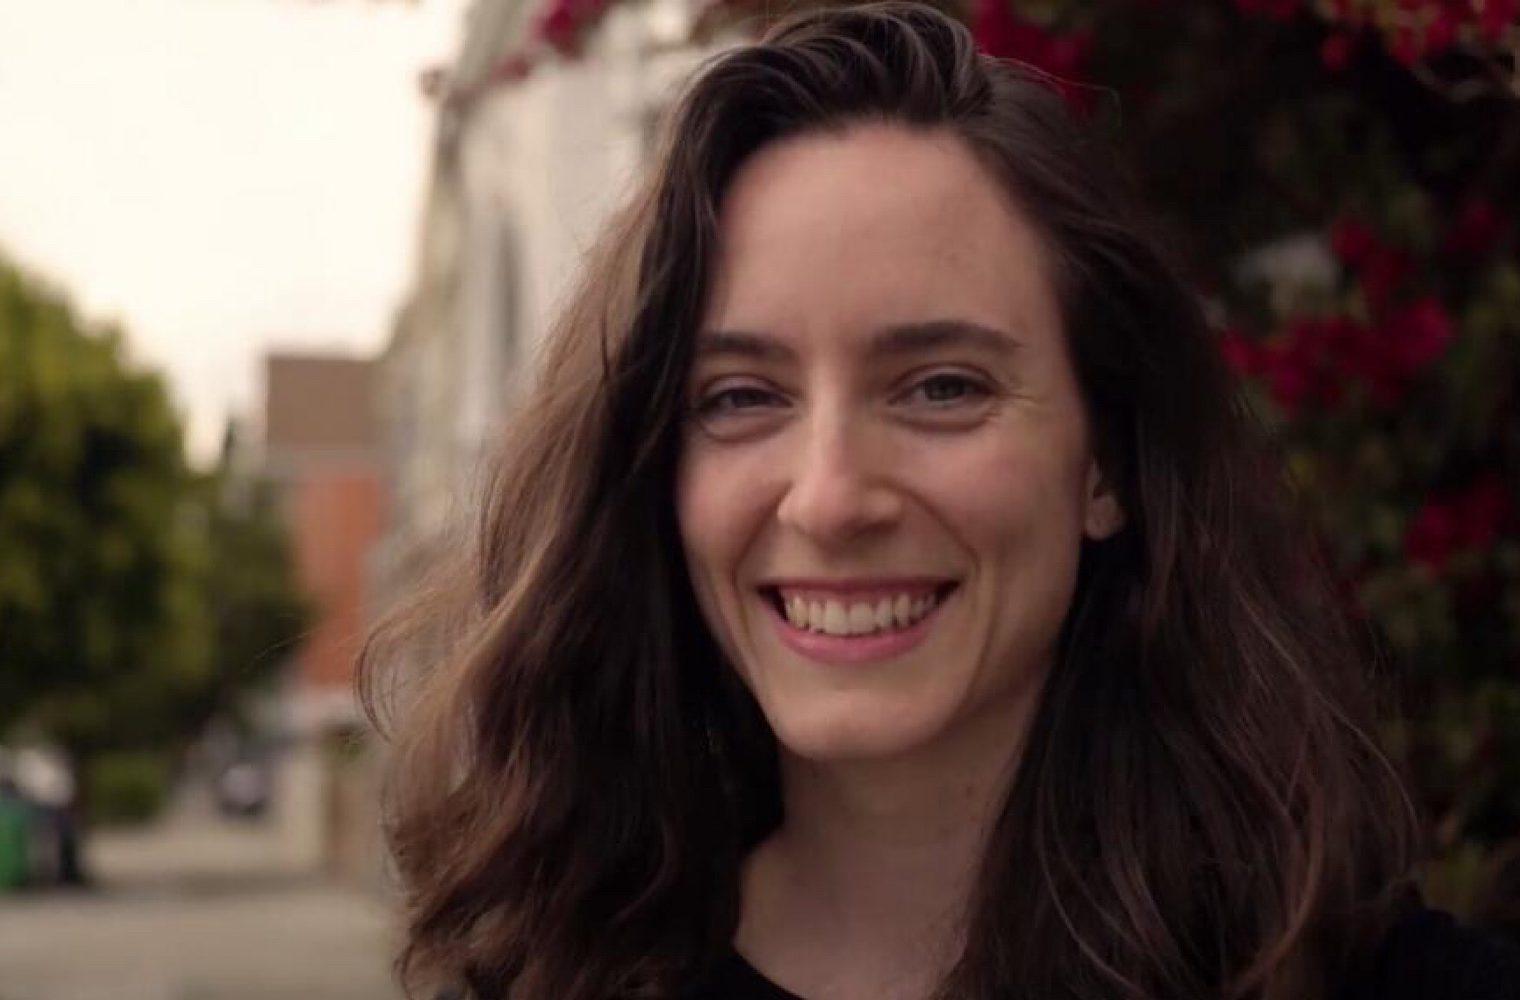 La esperanzada del Congreso Agatha Bacelar habla de la Ruta de la Seda en el podcast de Bitcoin.com